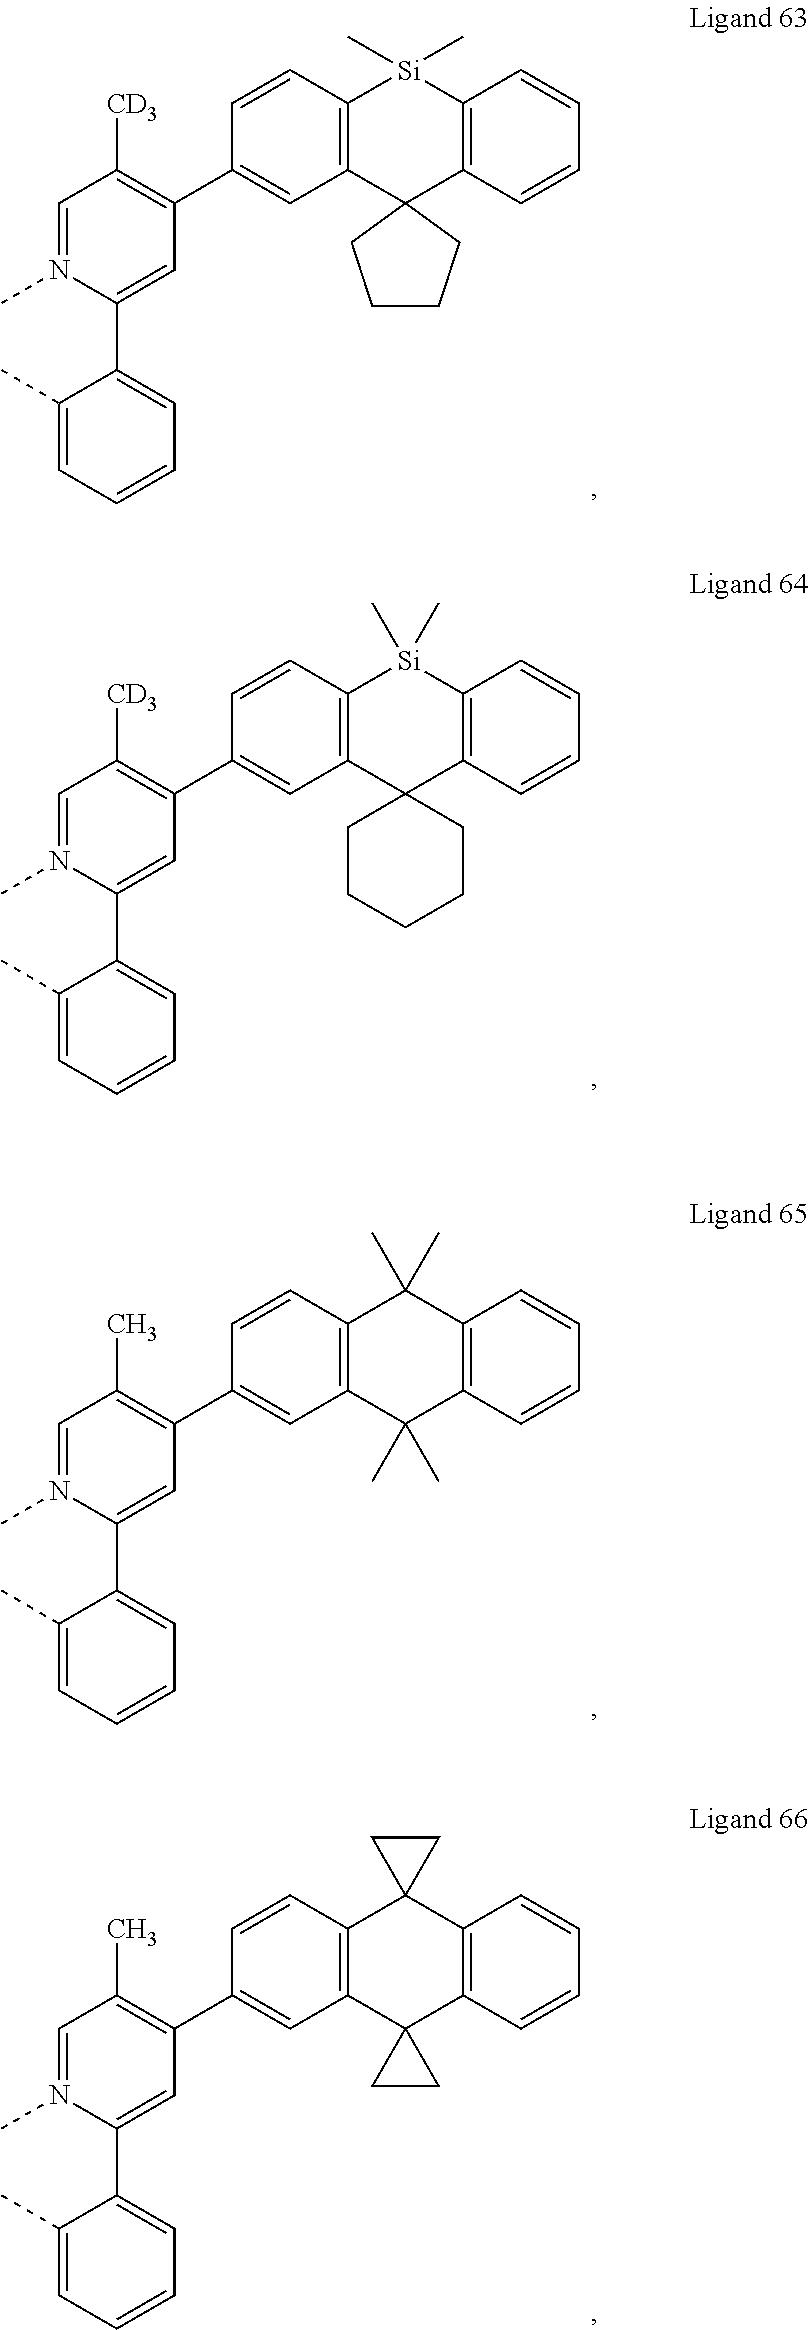 Figure US20180130962A1-20180510-C00241